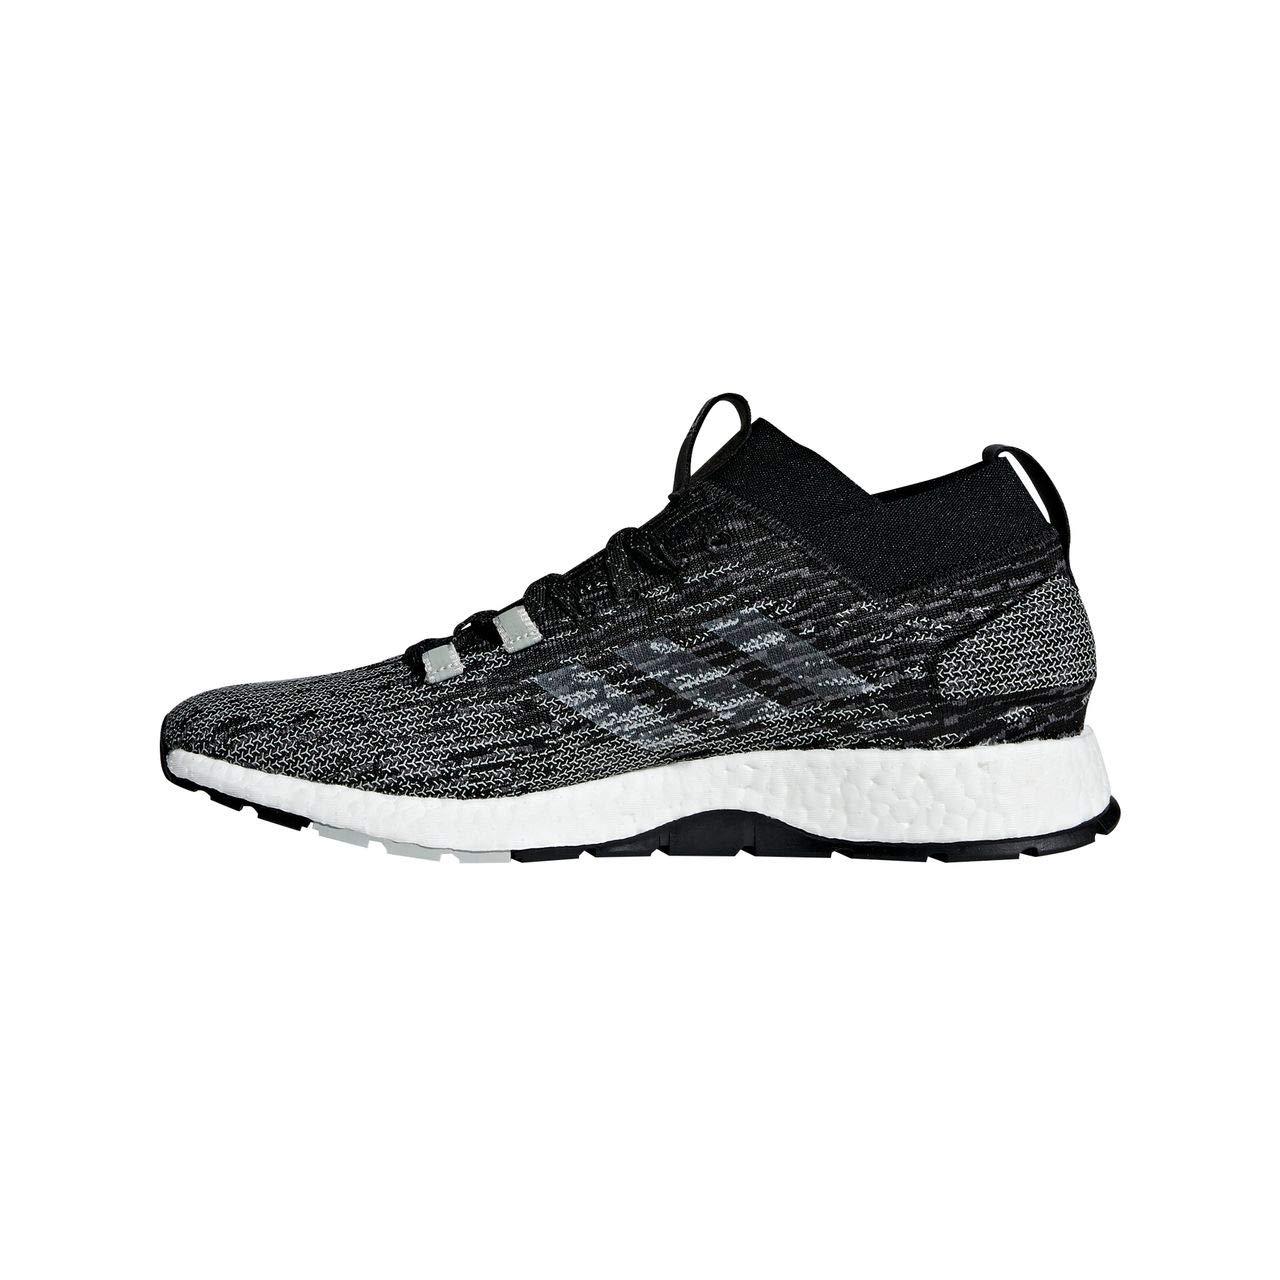 TALLA 43 1/3 EU. adidas Pureboost RBL Ltd, Zapatillas de Entrenamiento para Hombre